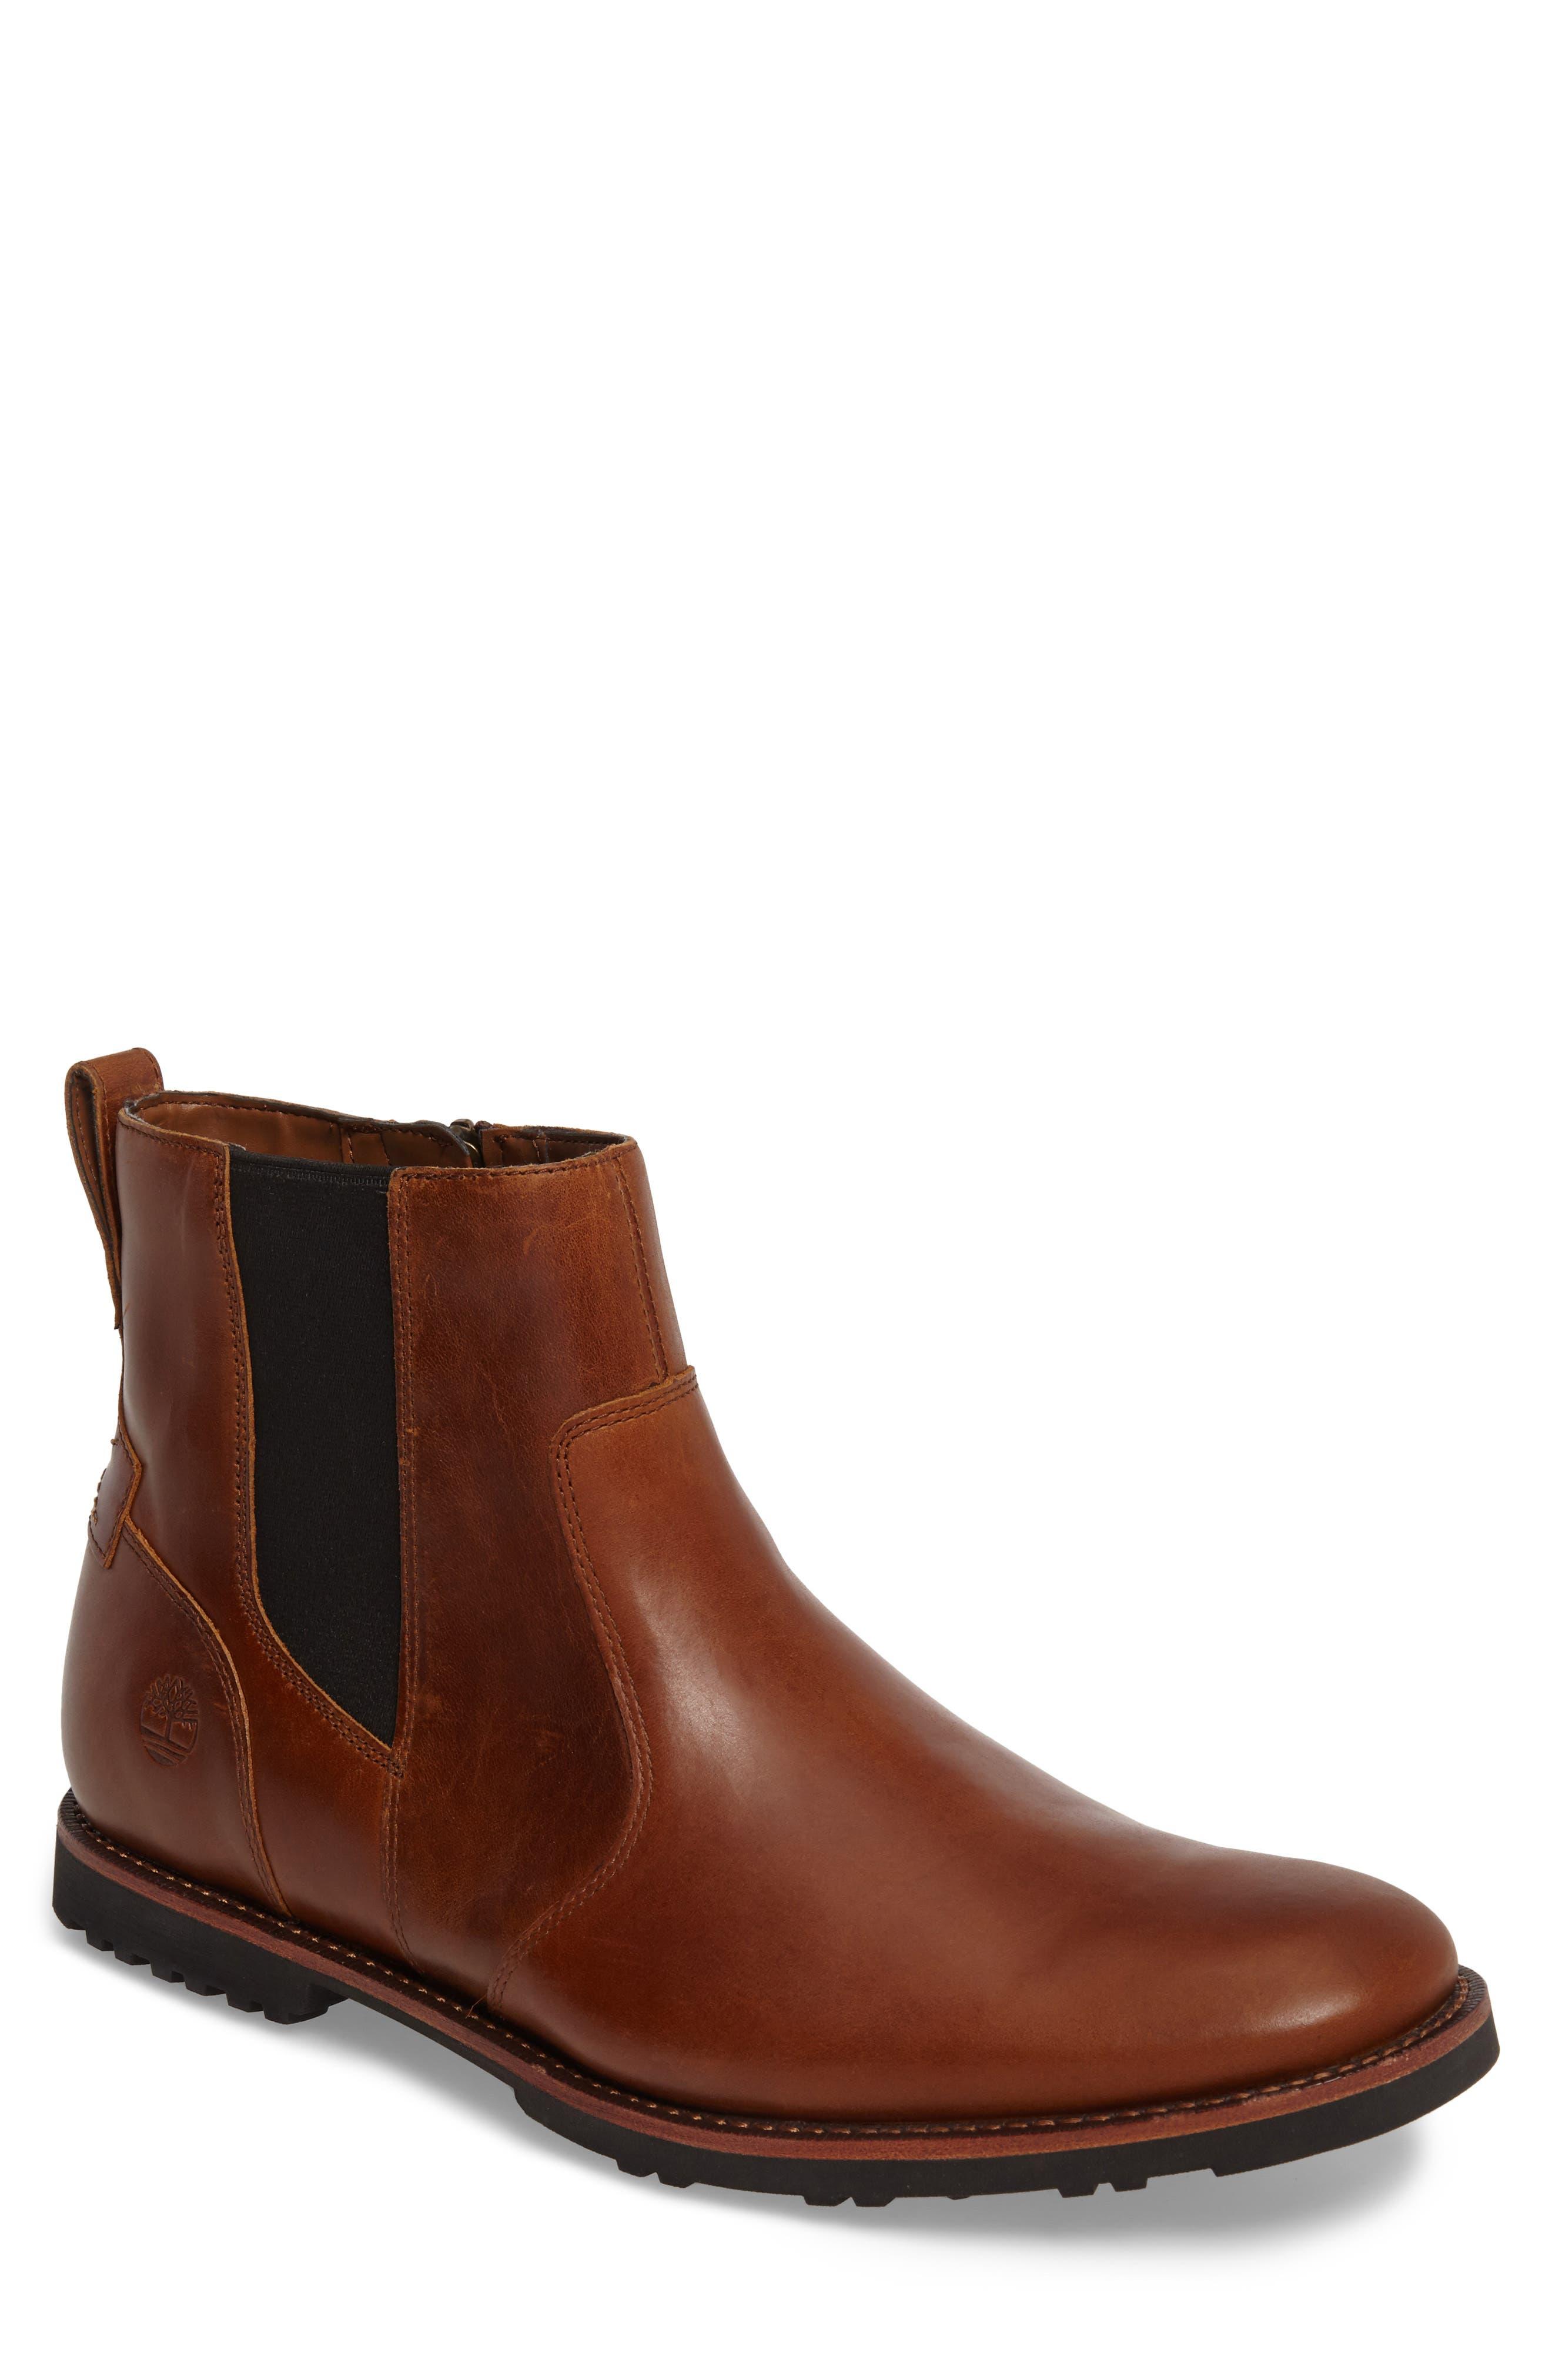 Kendrick Zip Boot,                         Main,                         color, Medium Brown Full Grain